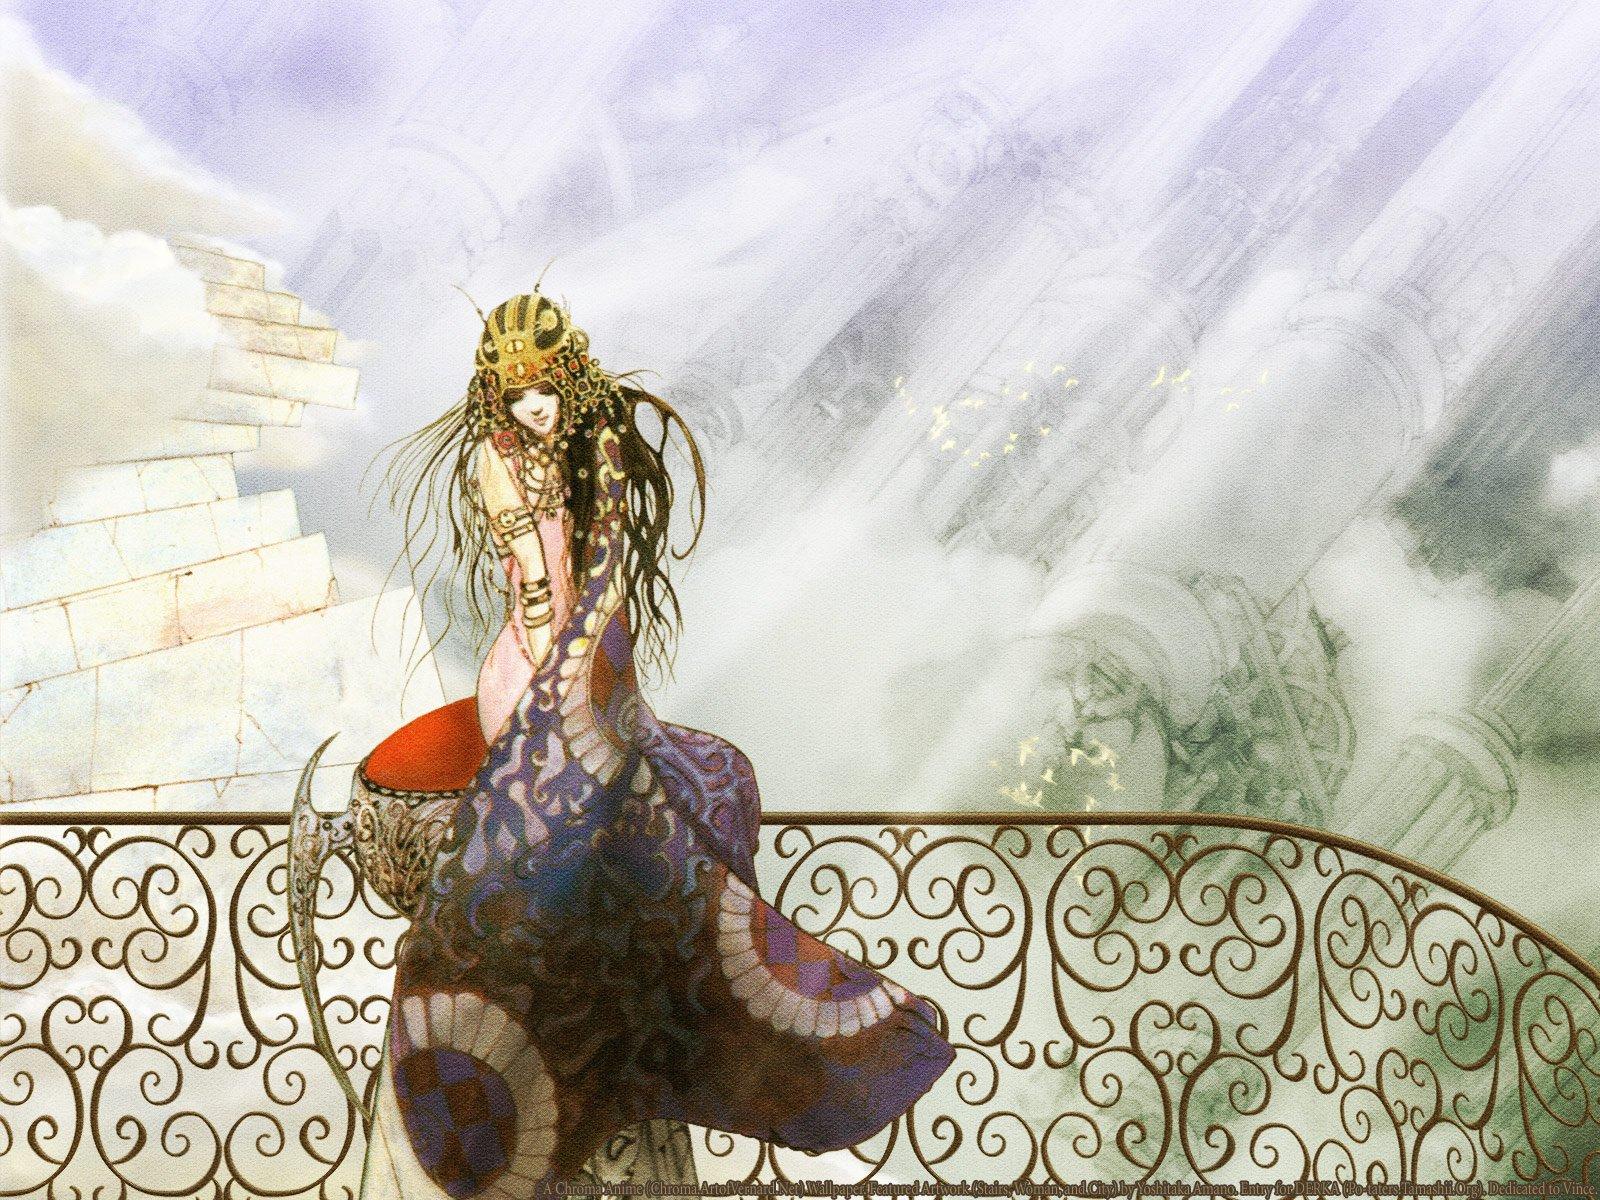 Yoshitaka Amano wallpaper | 1600x1200 | 329173 | WallpaperUP